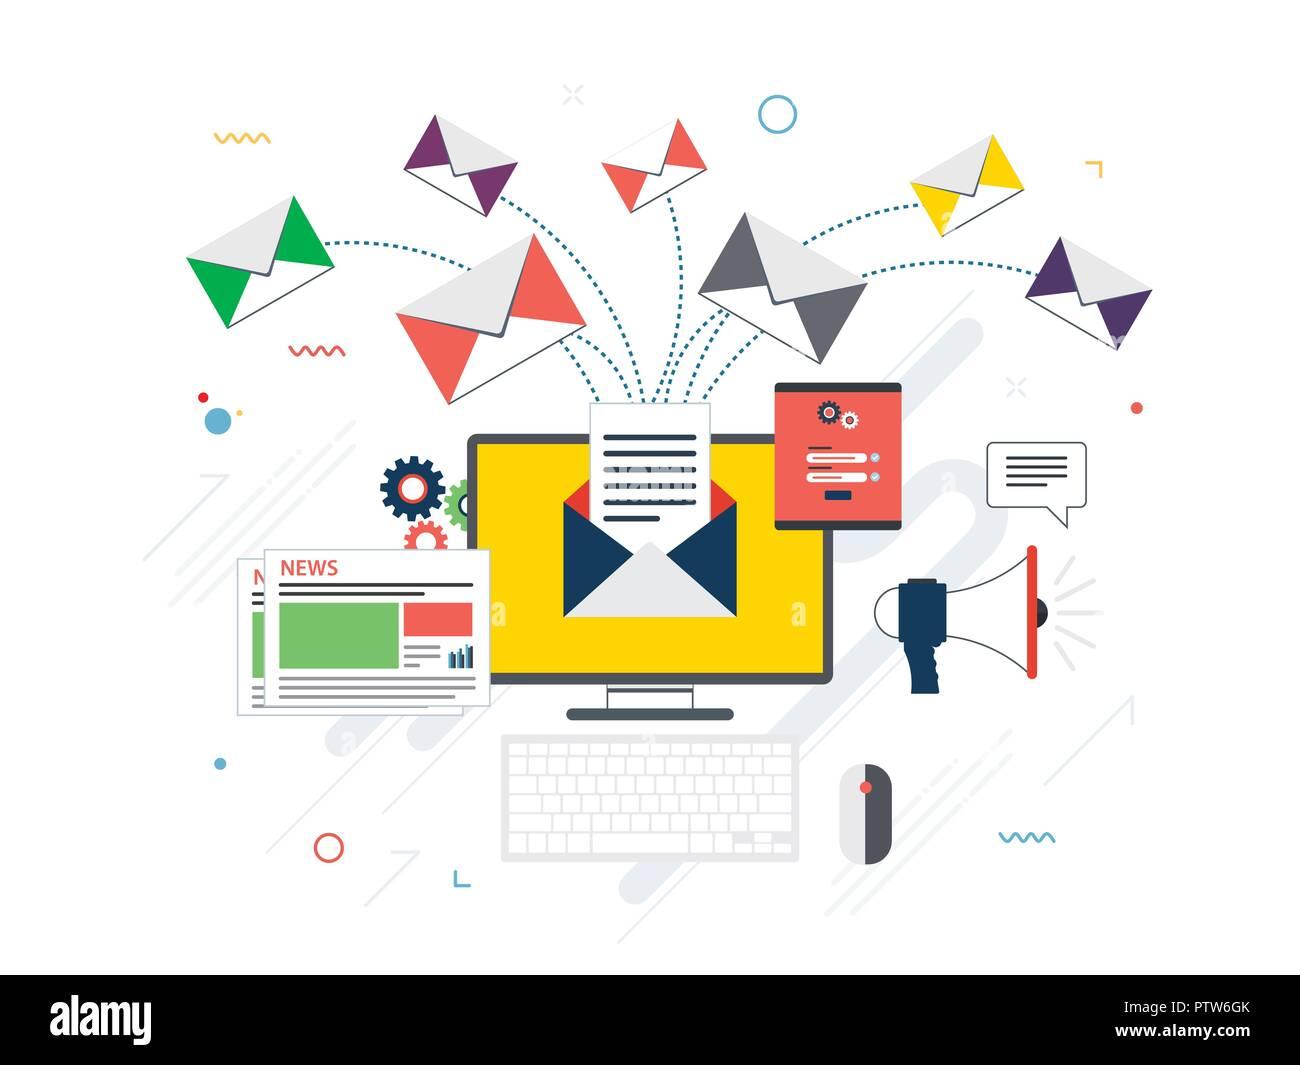 Design piatto concetti per inviare o ricevere messaggi di posta elettronica marketing e comunicazione di impresa e marketing, analisi e strategia aziendale nel vettore design. Immagini Stock